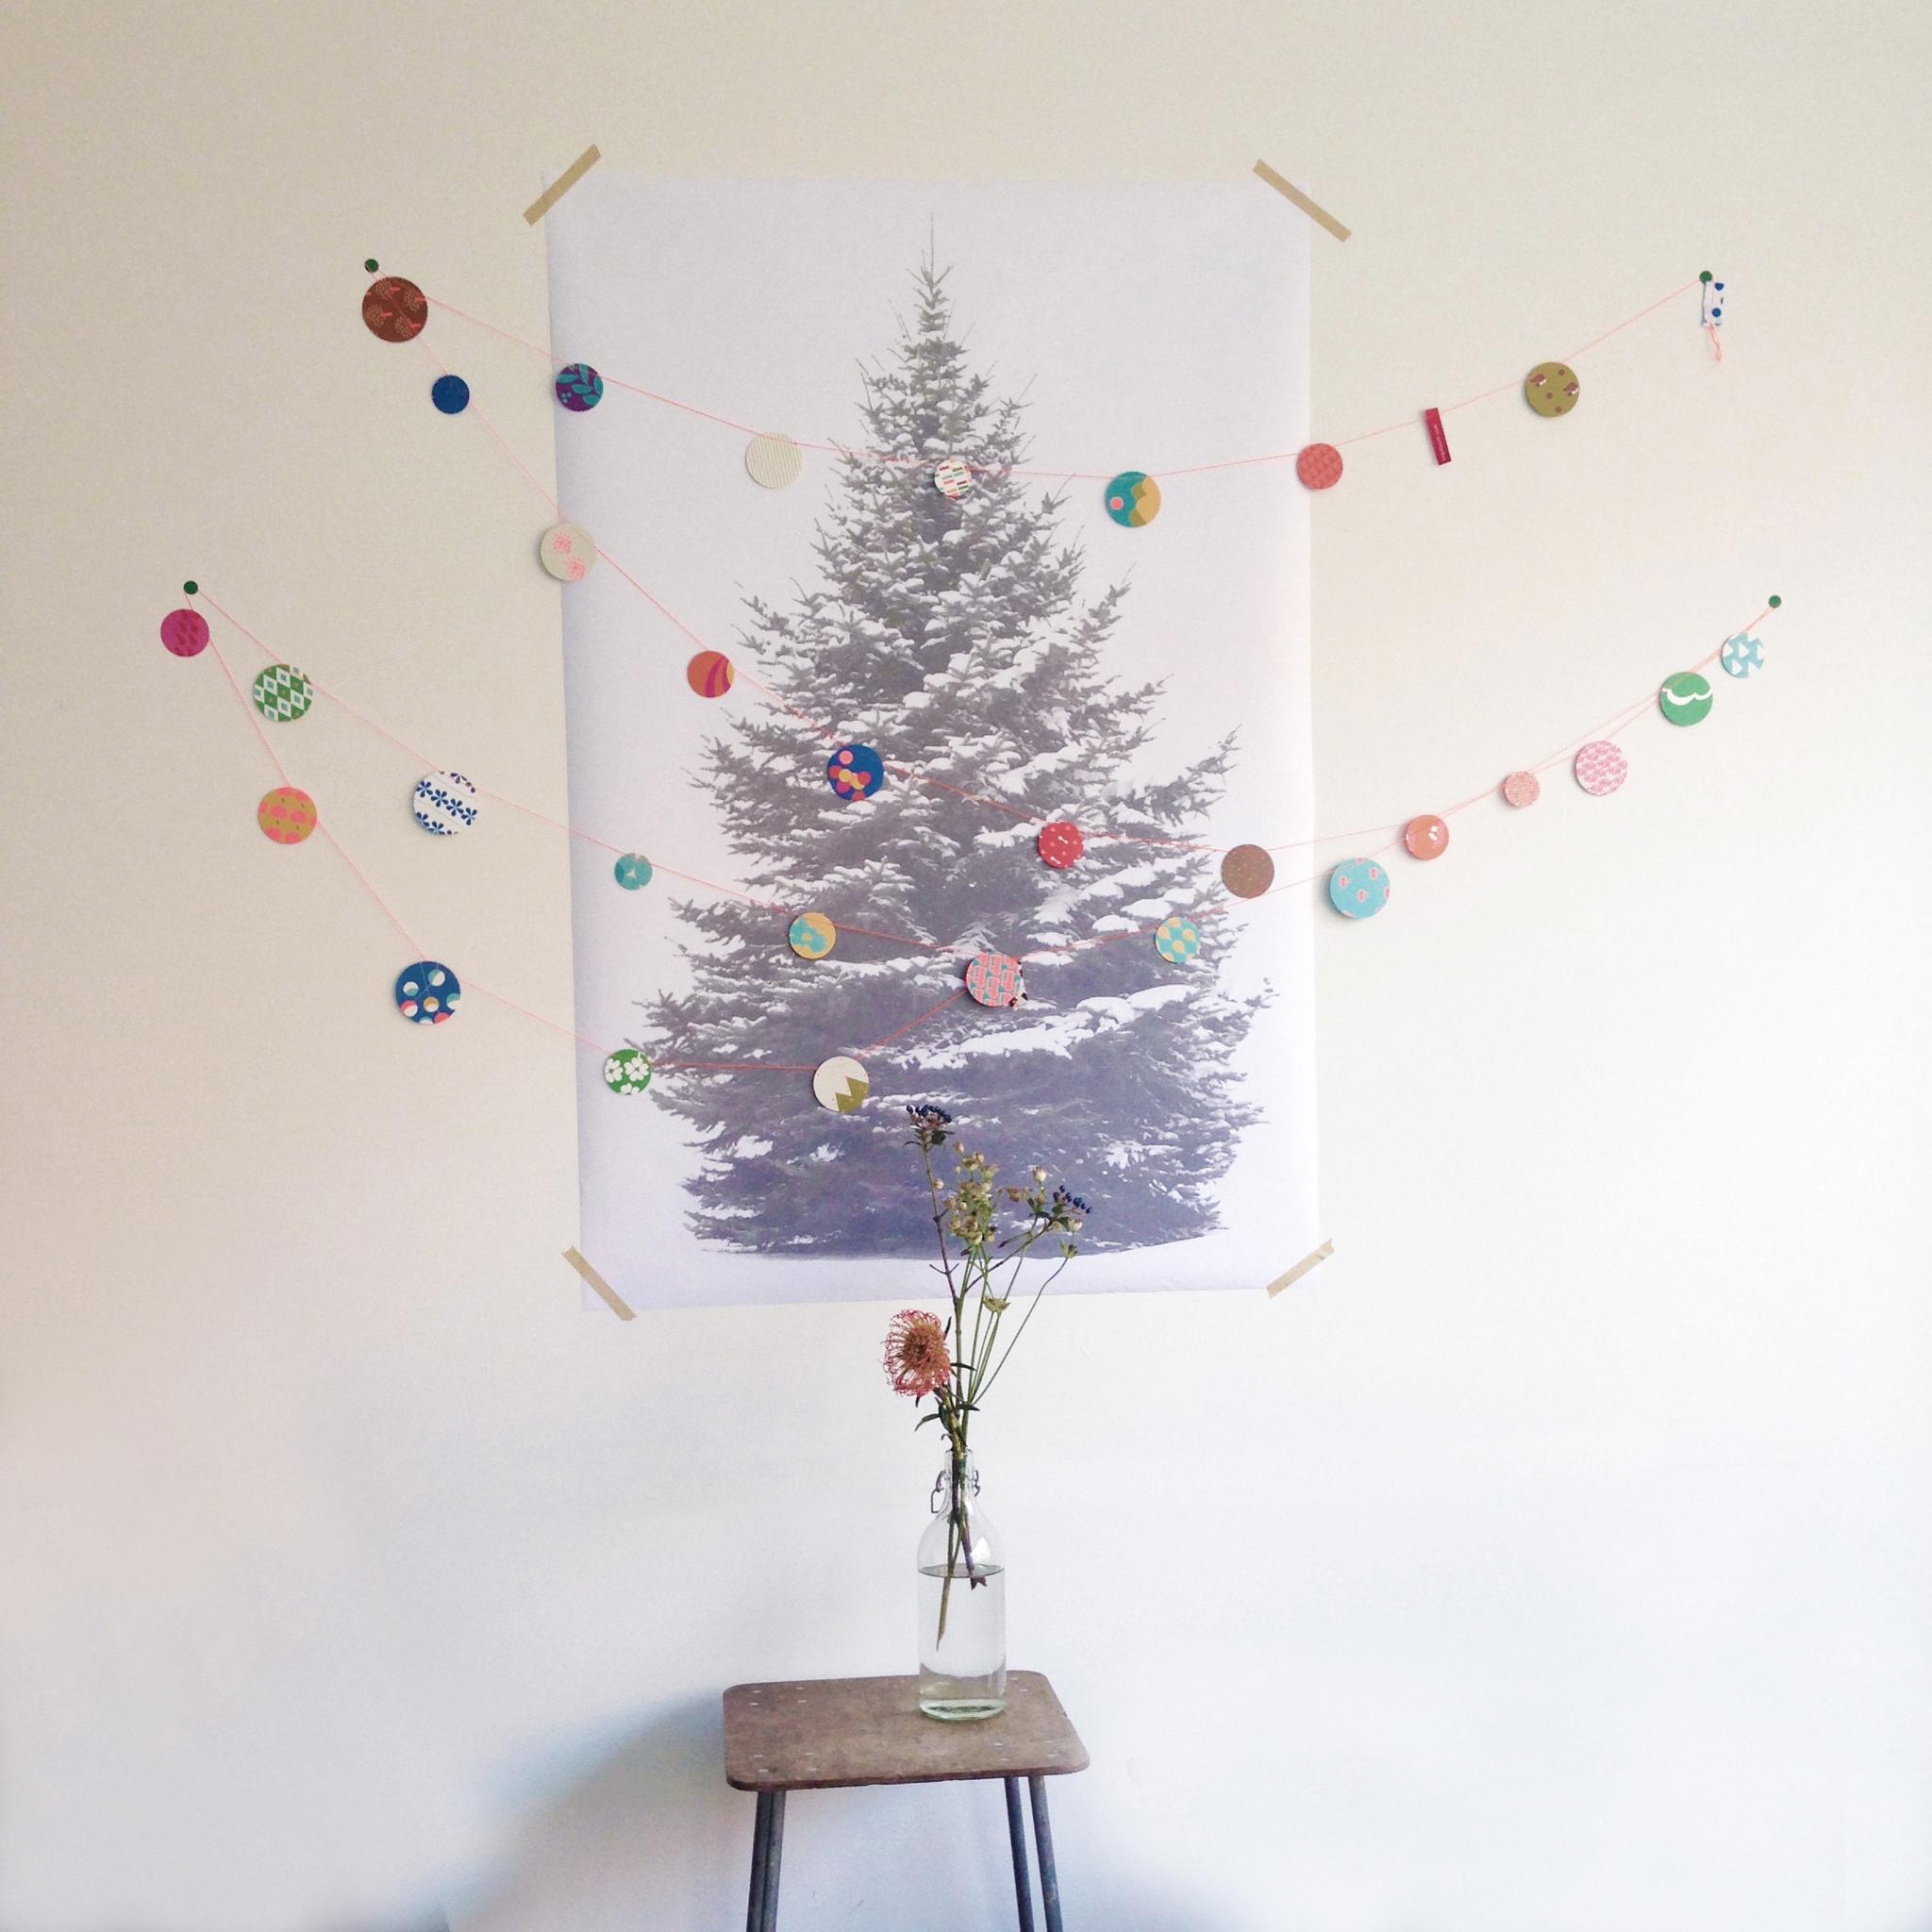 Signcraft-rotterdam_interieur-kerst-textielposter-print-kerstboom-papier